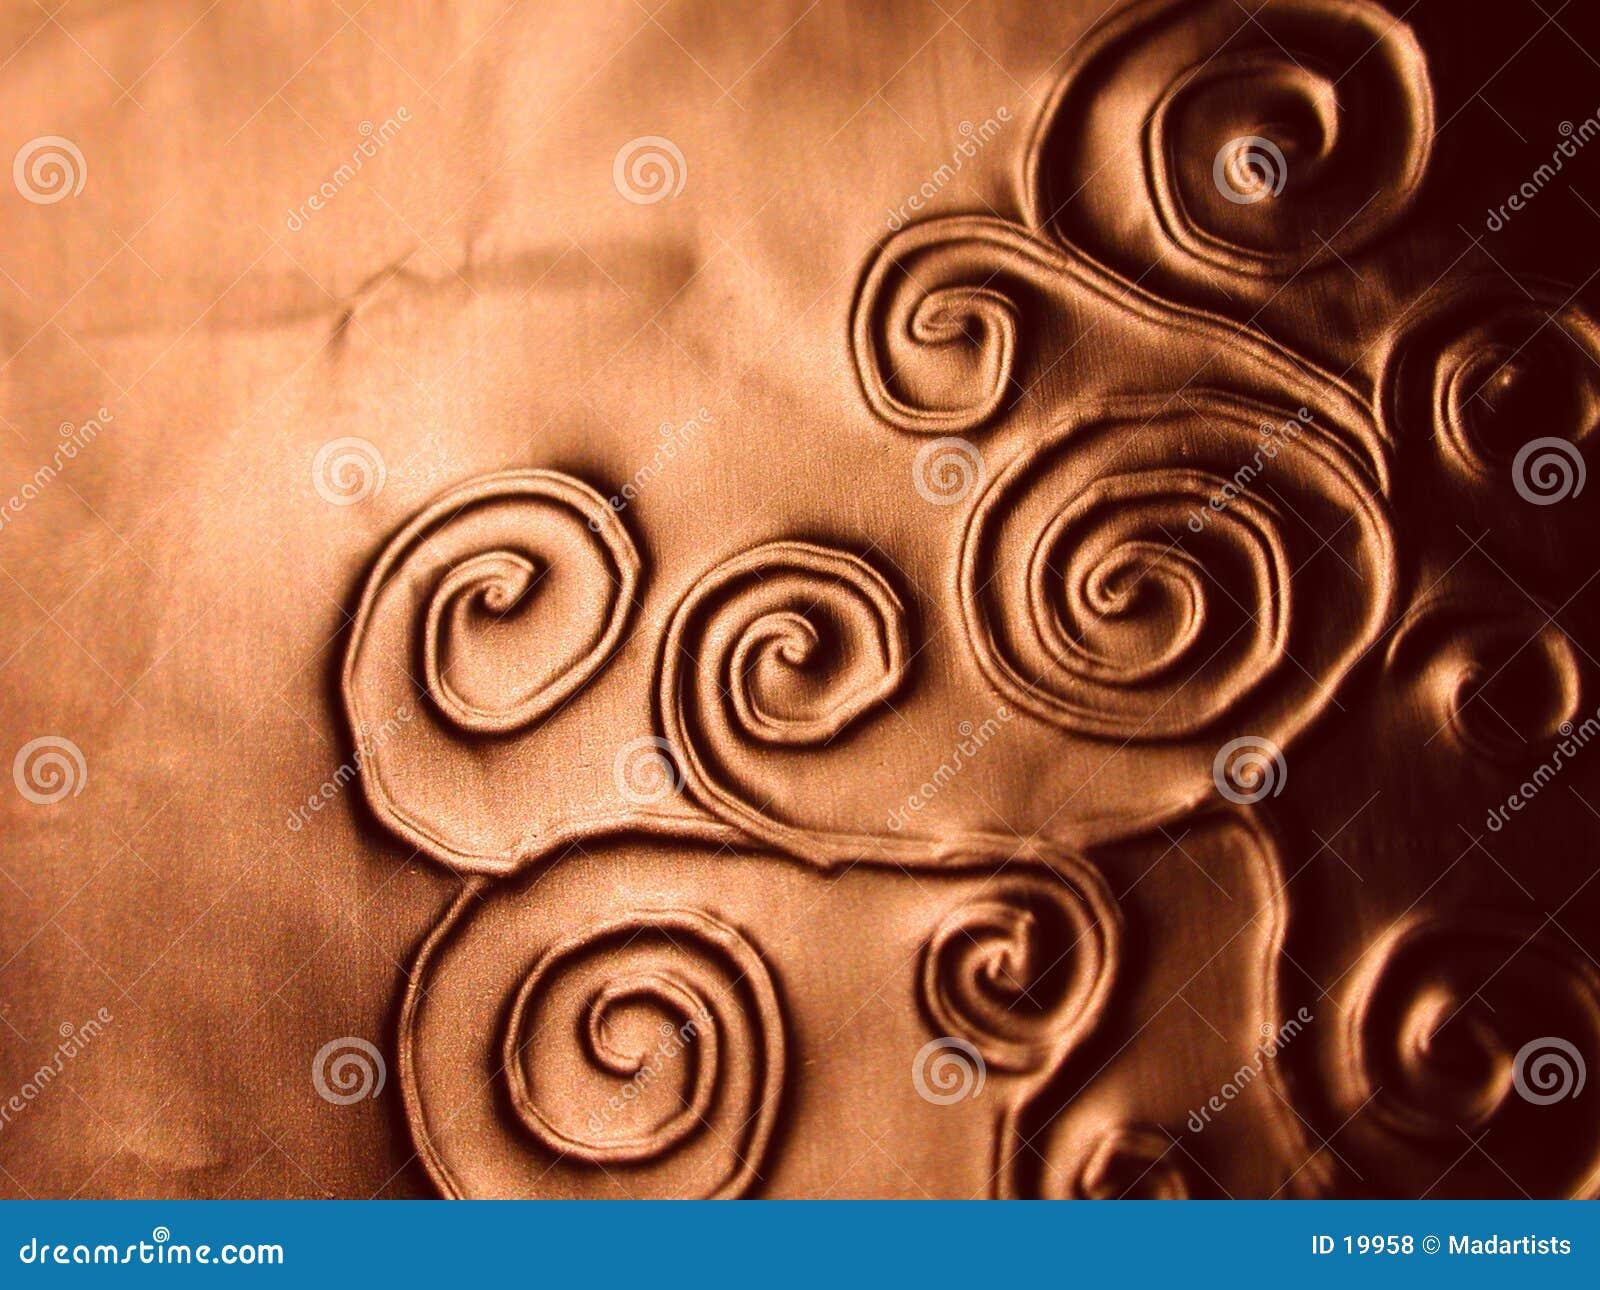 Ornate Spirals Pattern Texture